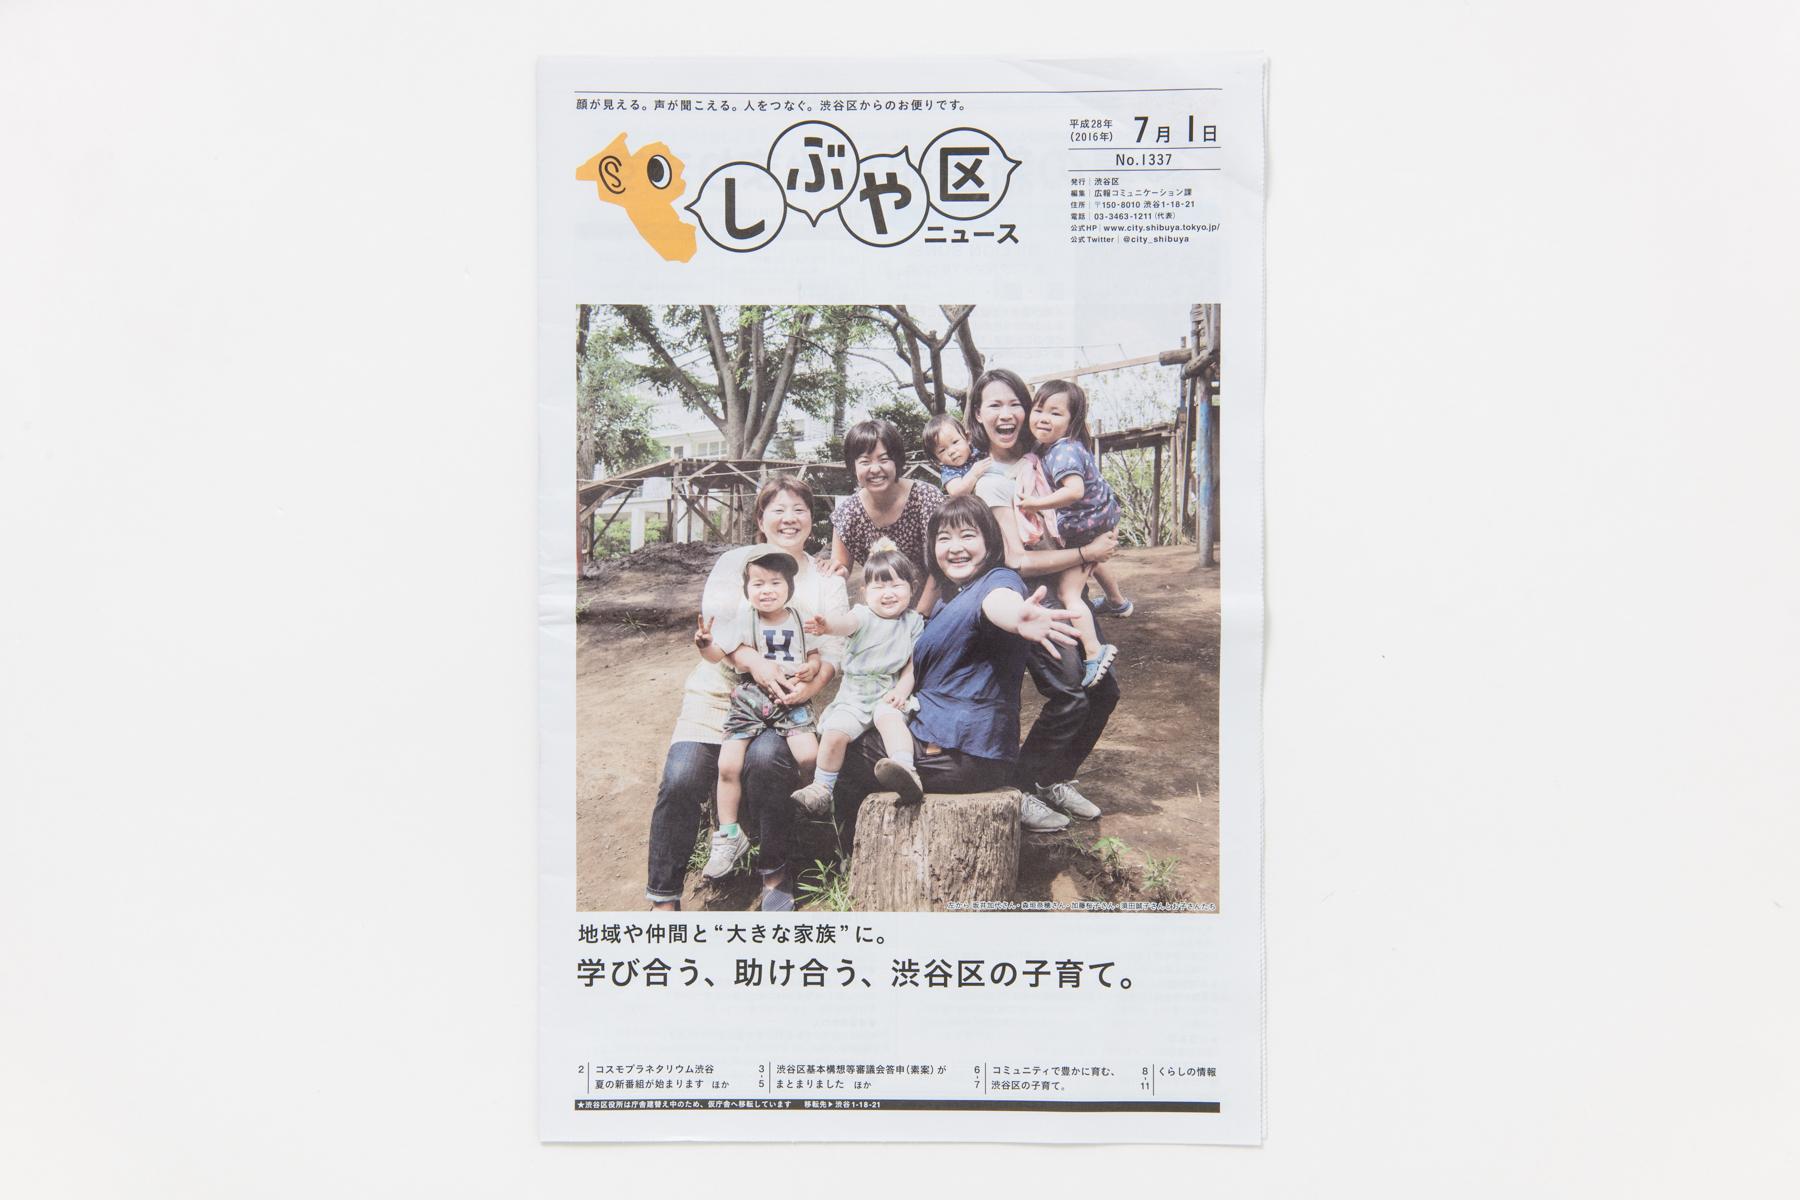 しぶや区ニュース 7月1日号 2016 photo:TADA